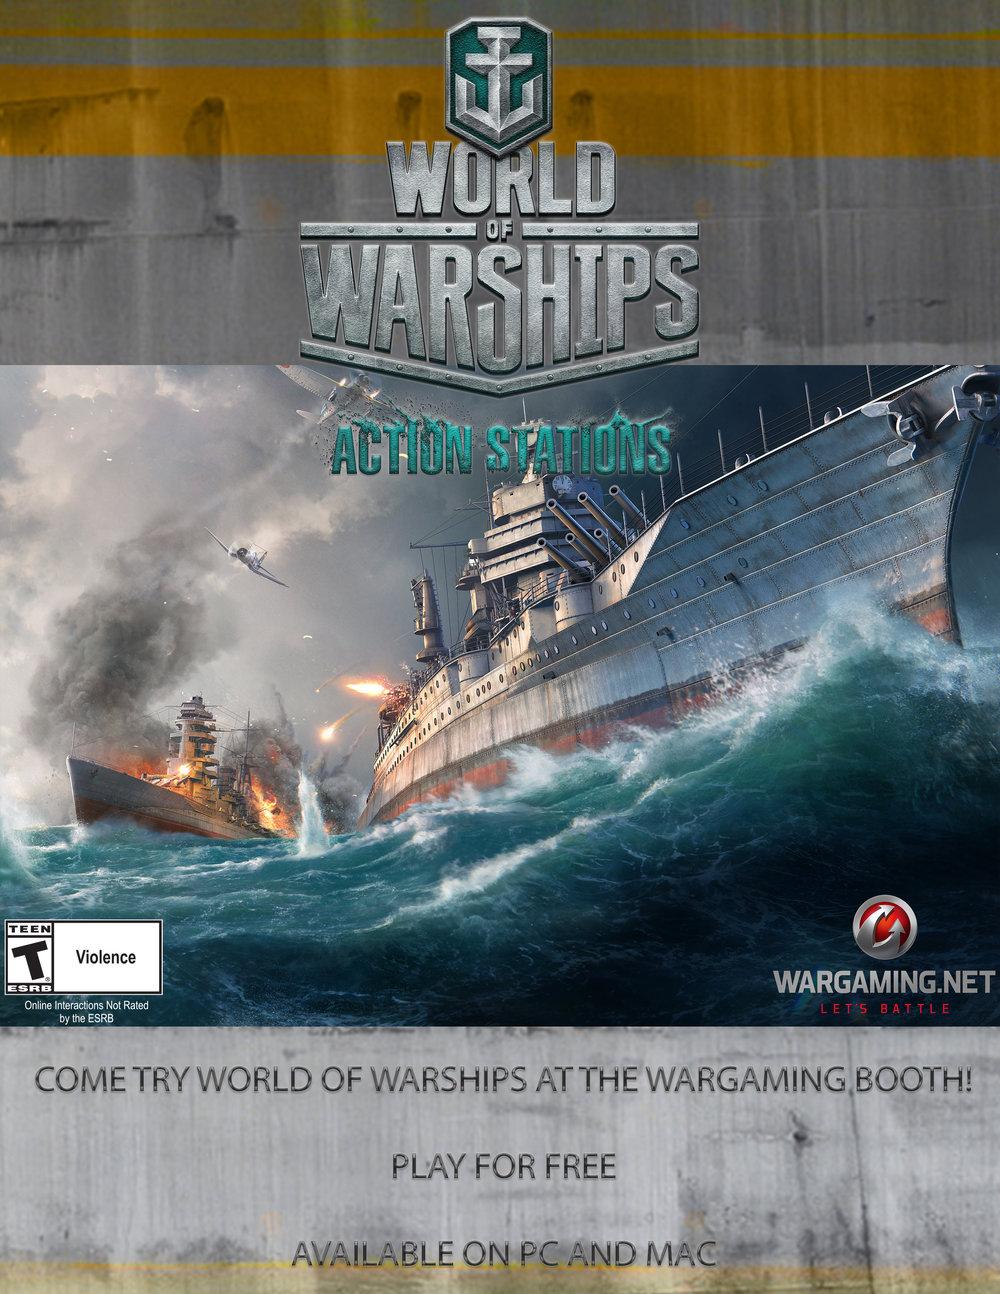 Wargaming_WoW_ArtTest_TyroneClark.jpg